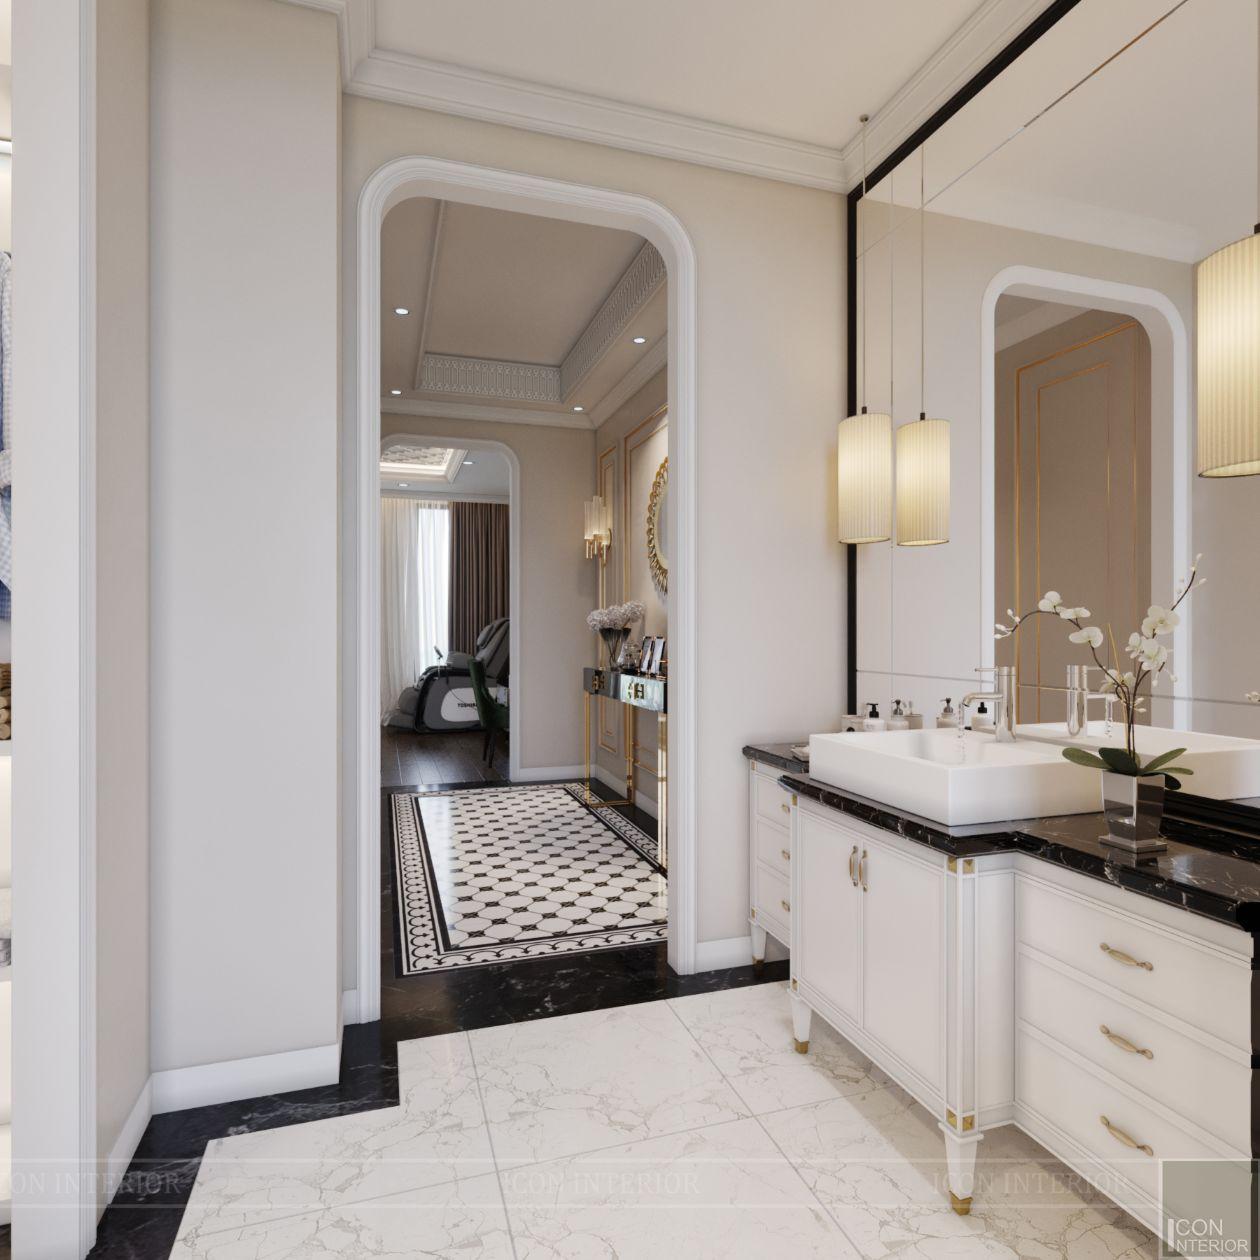 thiết kế biệt thự lavila nam sài gòn - phòng tắm 6